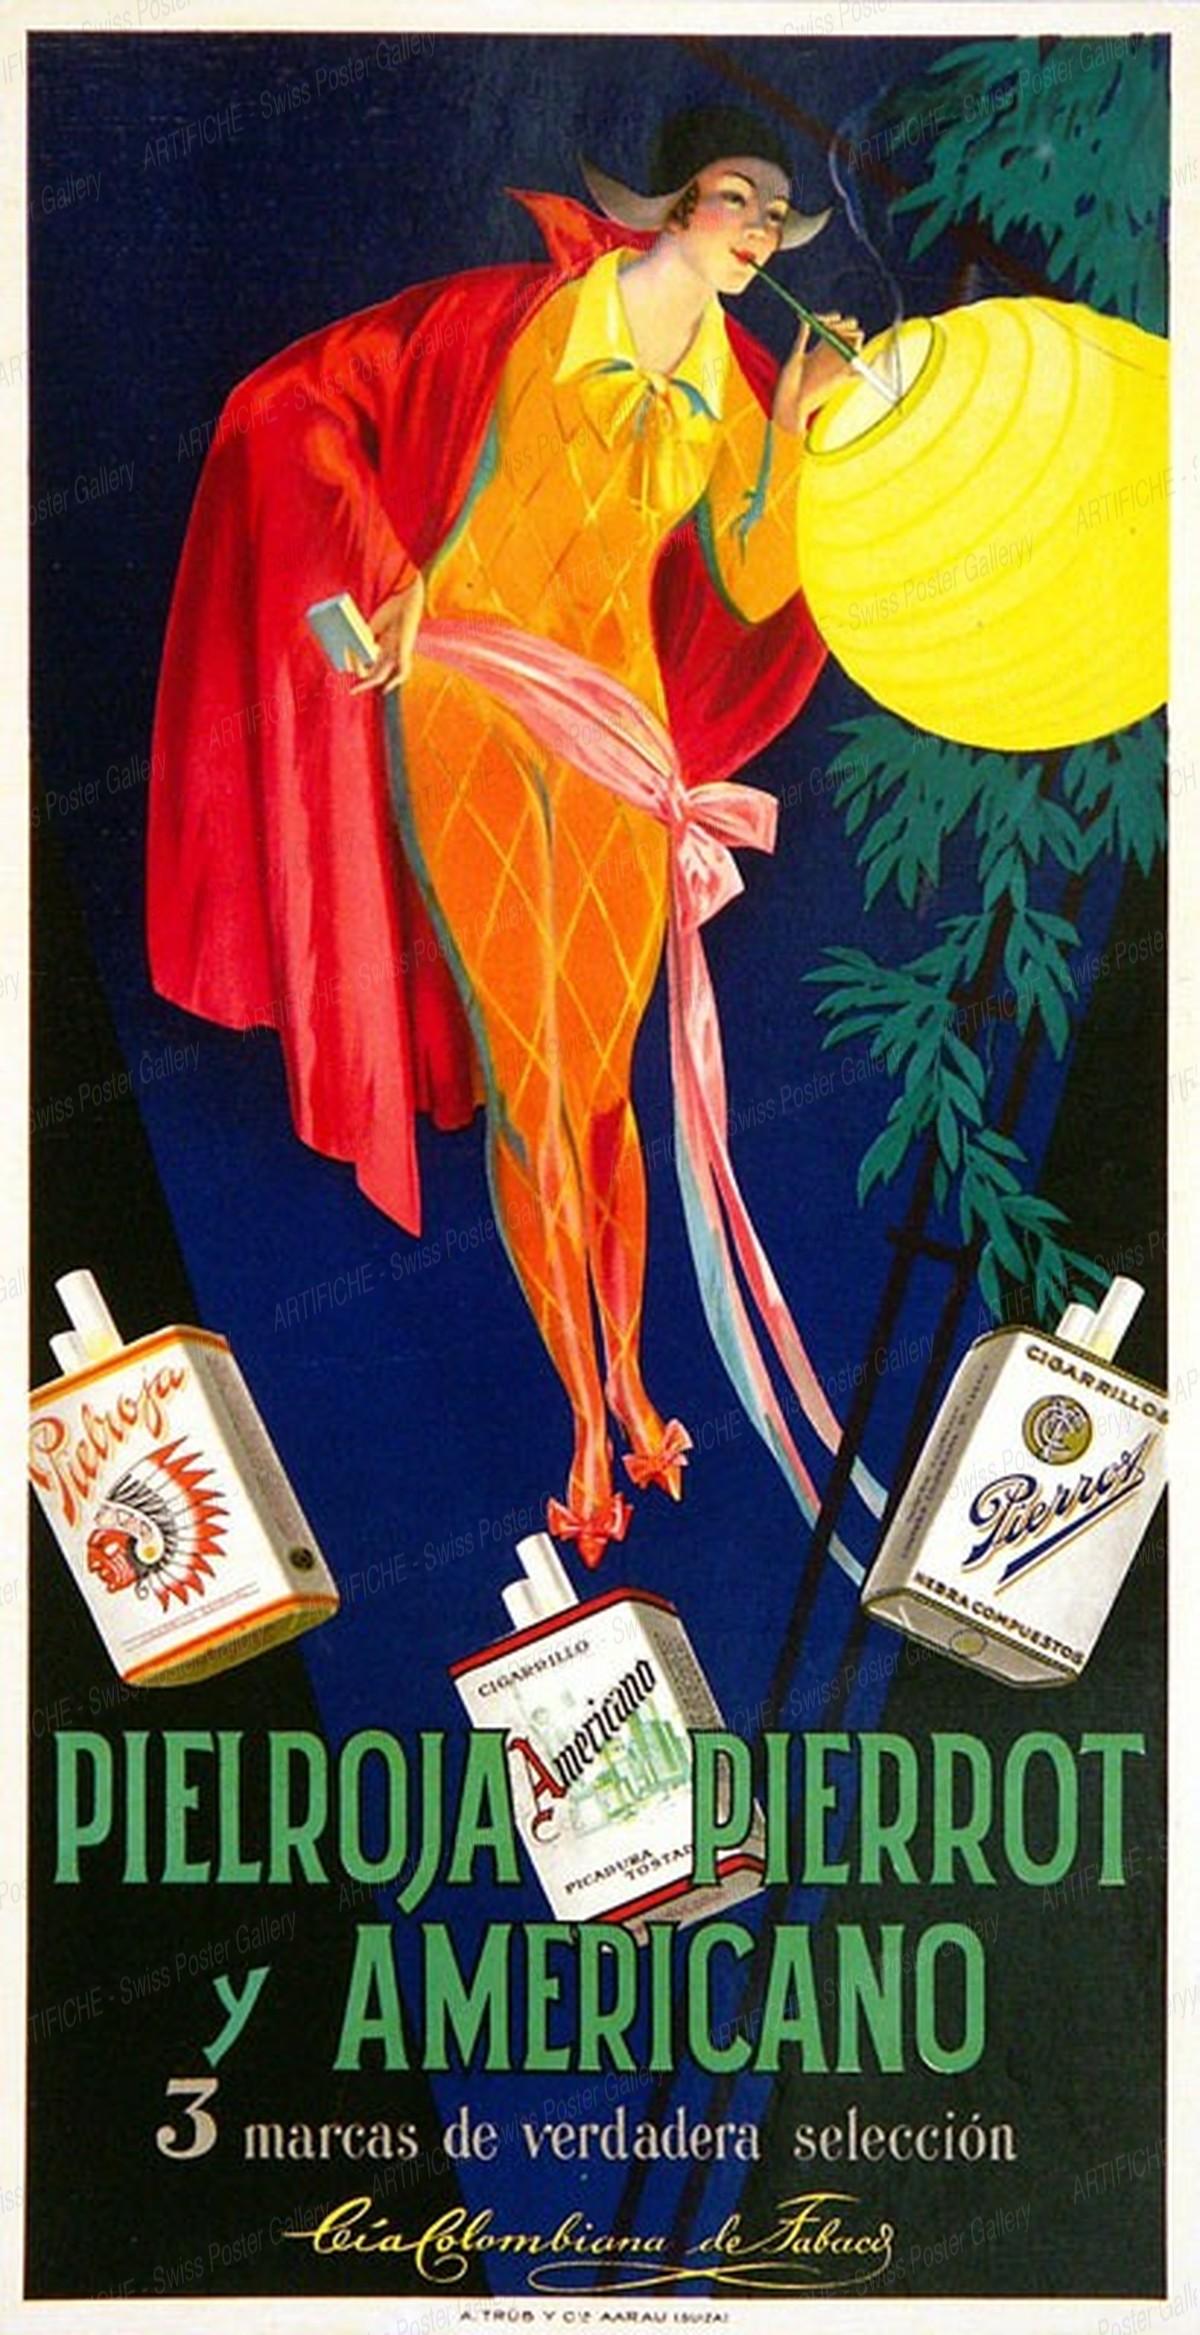 PIELROJA, PIERROT and AMERICANO, Artist unknown